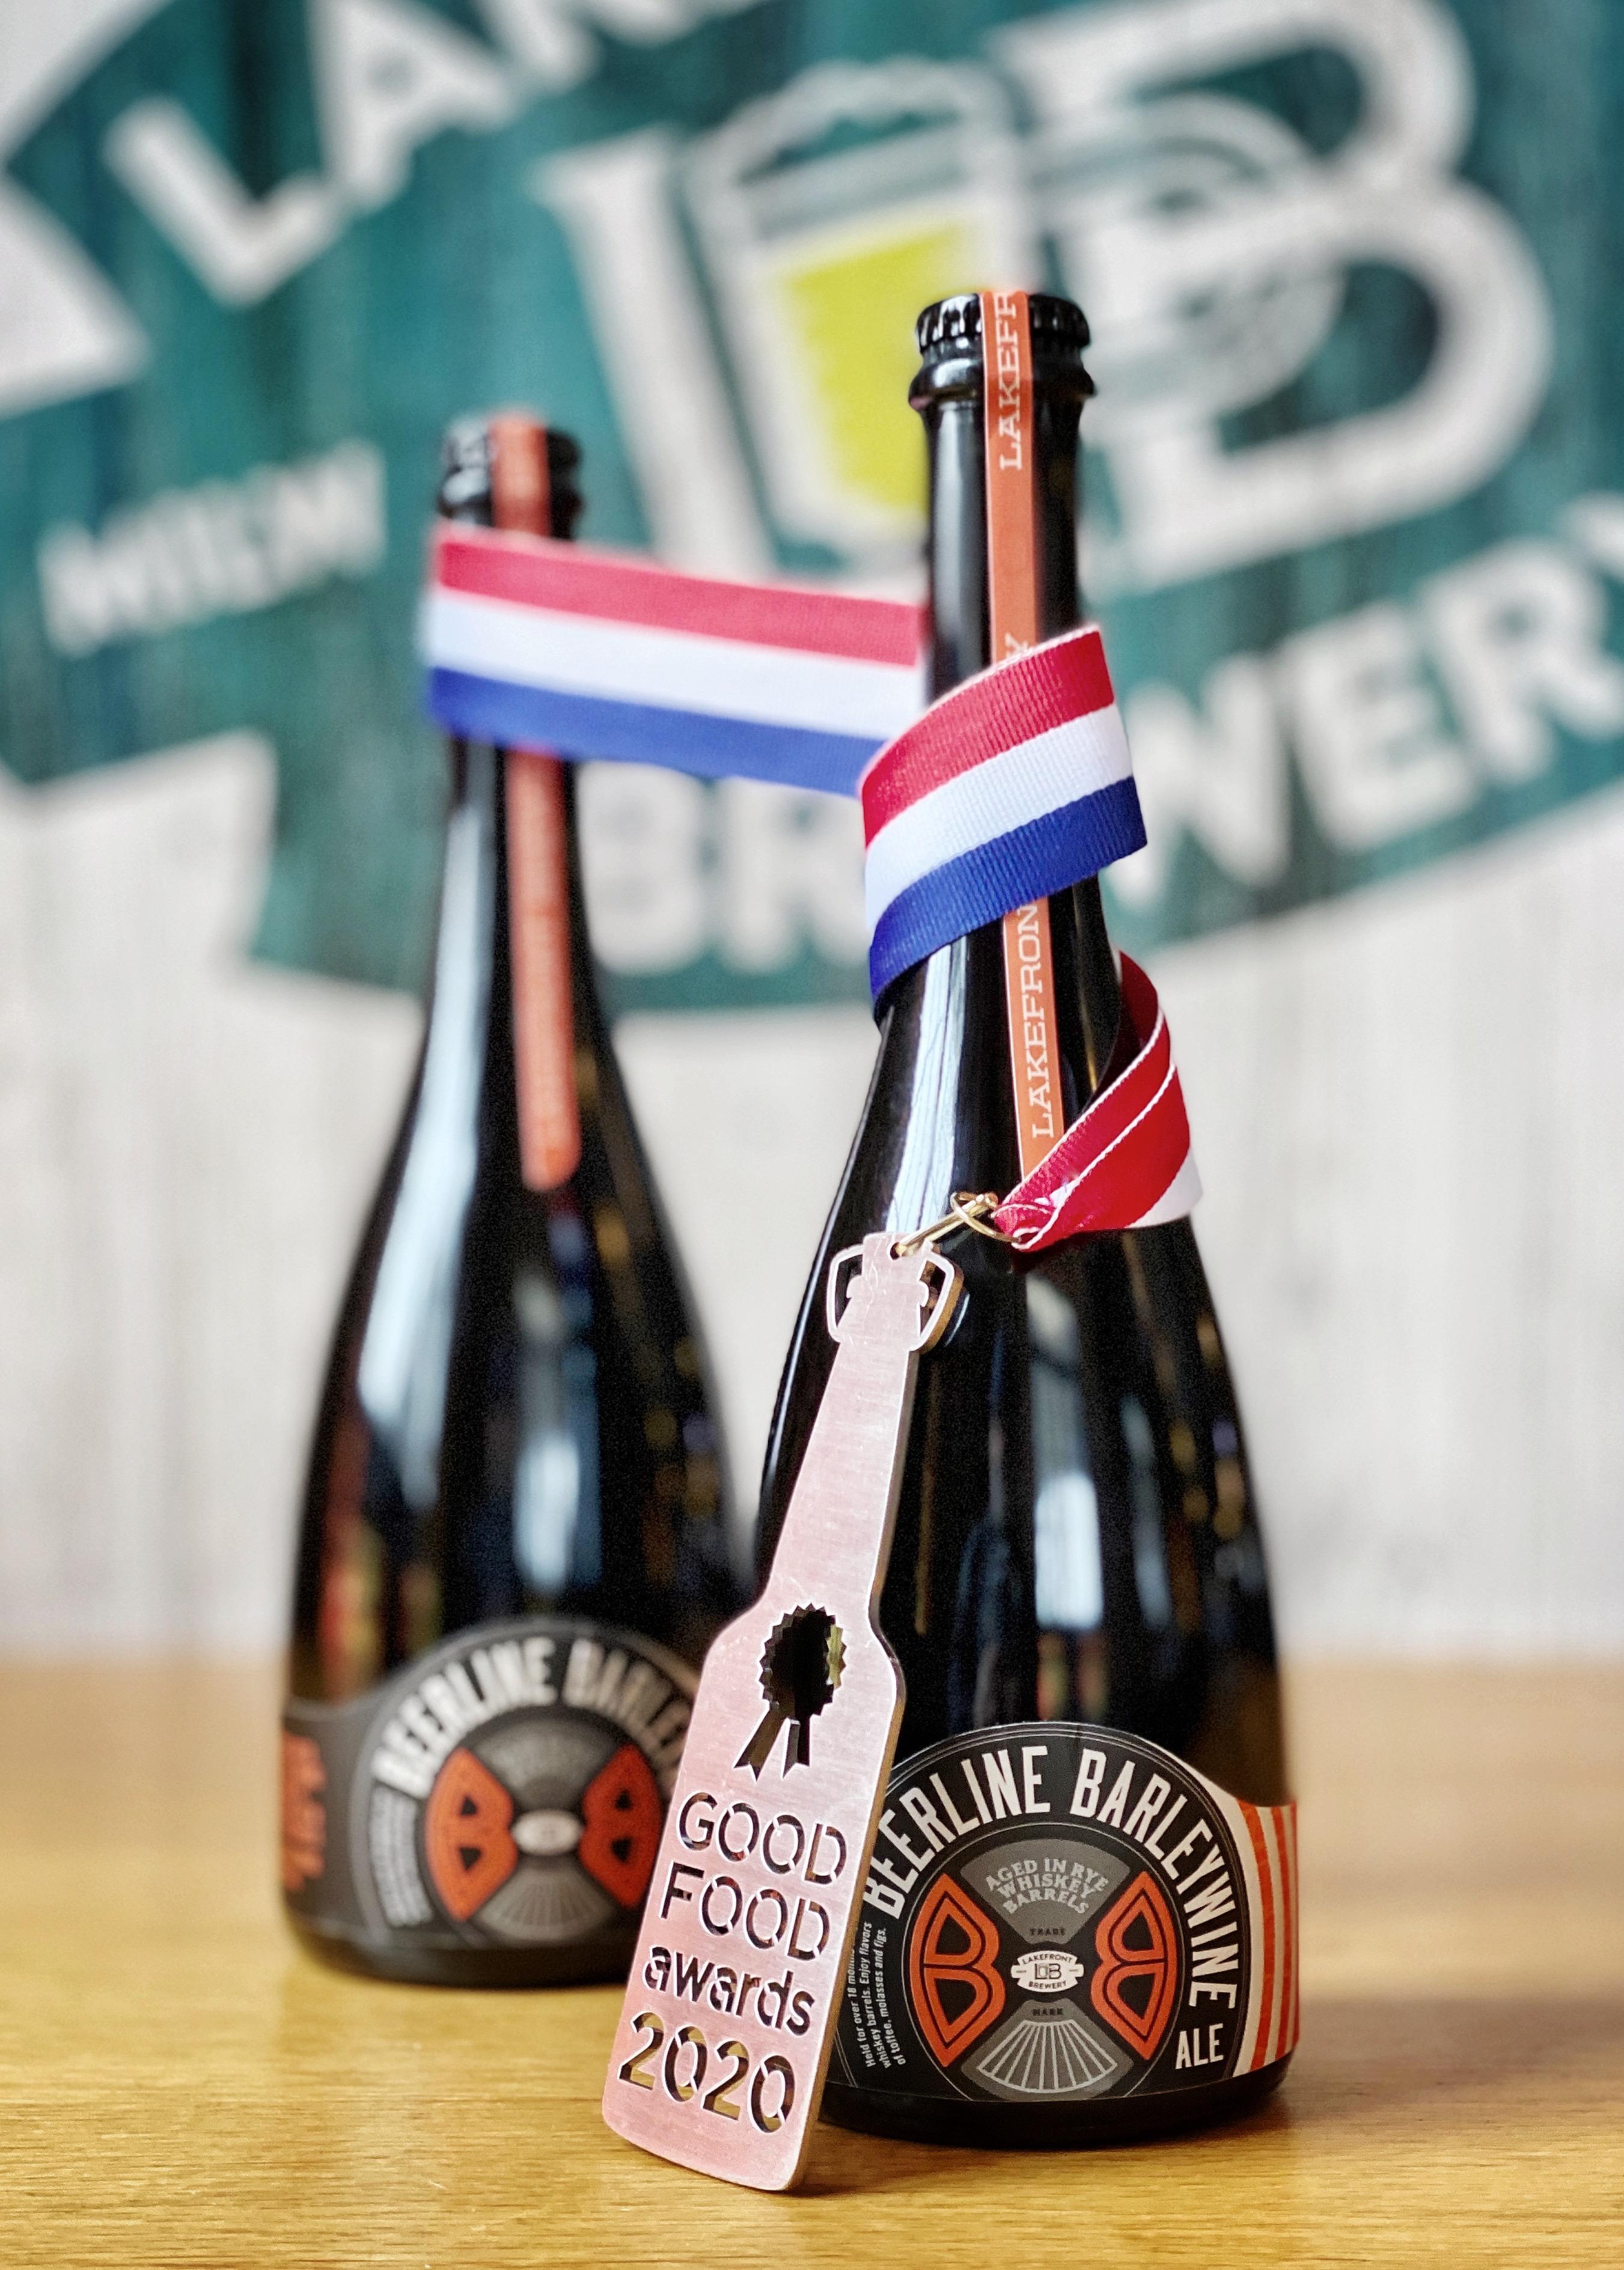 Lakefront Brewer Wins at 2020 Good Food Awards™ for Beerline Barleywine